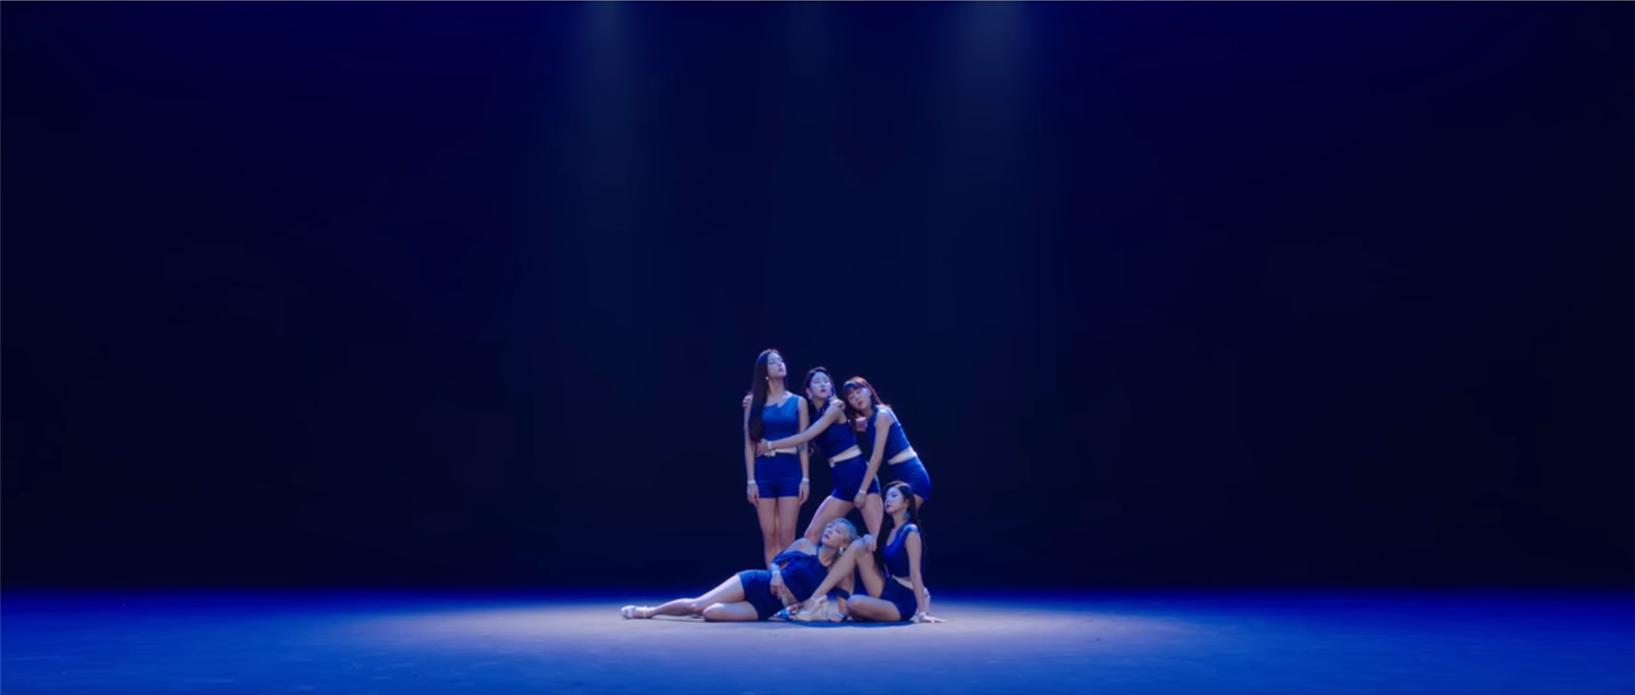 공백과 컴백의 사이 - Between Us|라붐 (LABOUM)